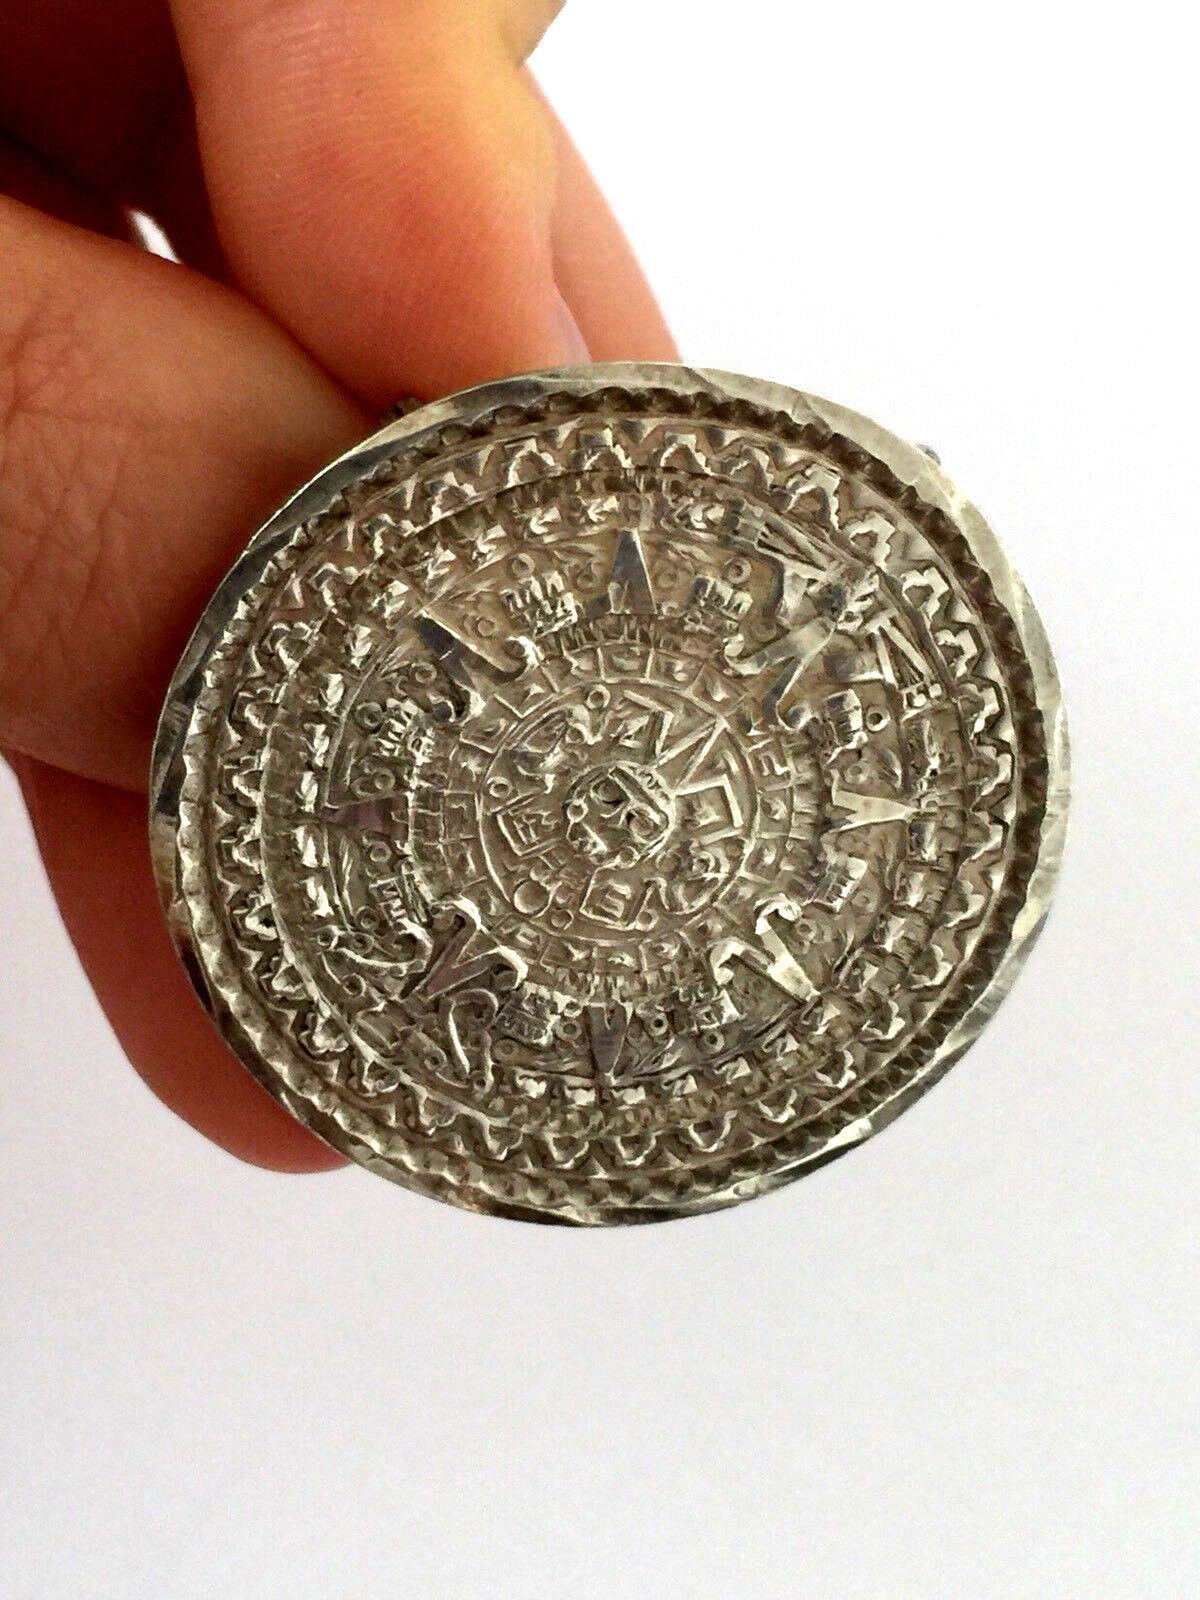 Vintage Pezza argentoo Sterling 925 Mexico Calendario Maya Azteco Azteco Azteco Spilla Ciondolo 488119